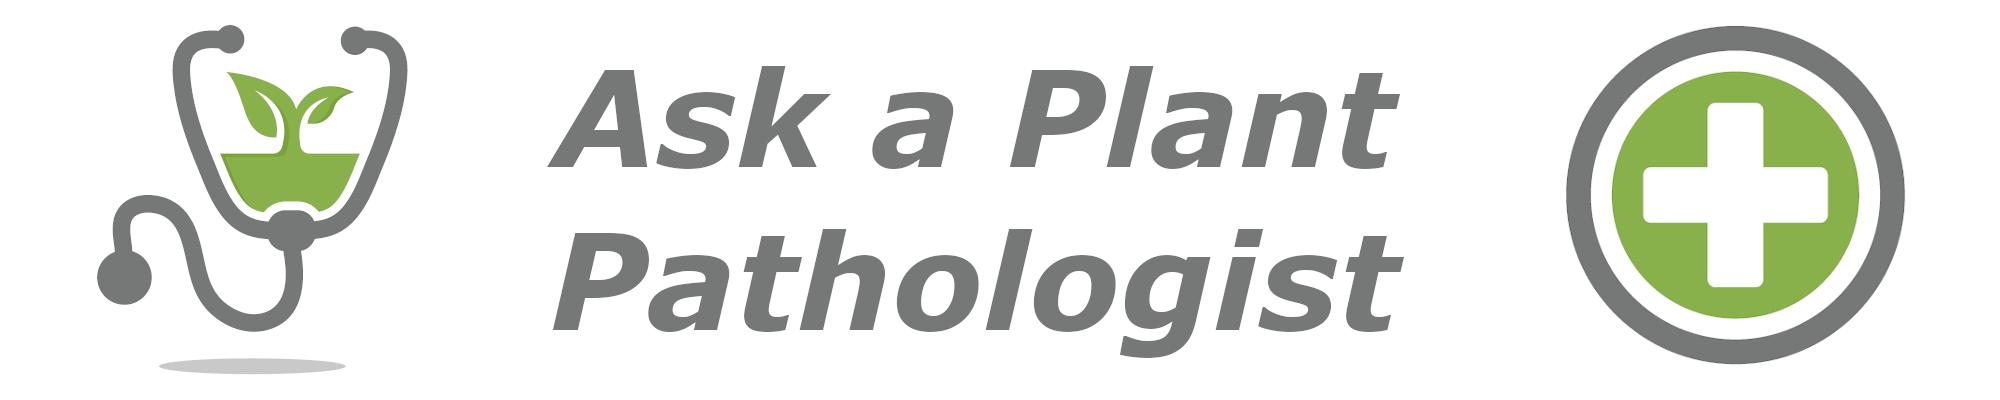 ask-a-plant-pathologist.png